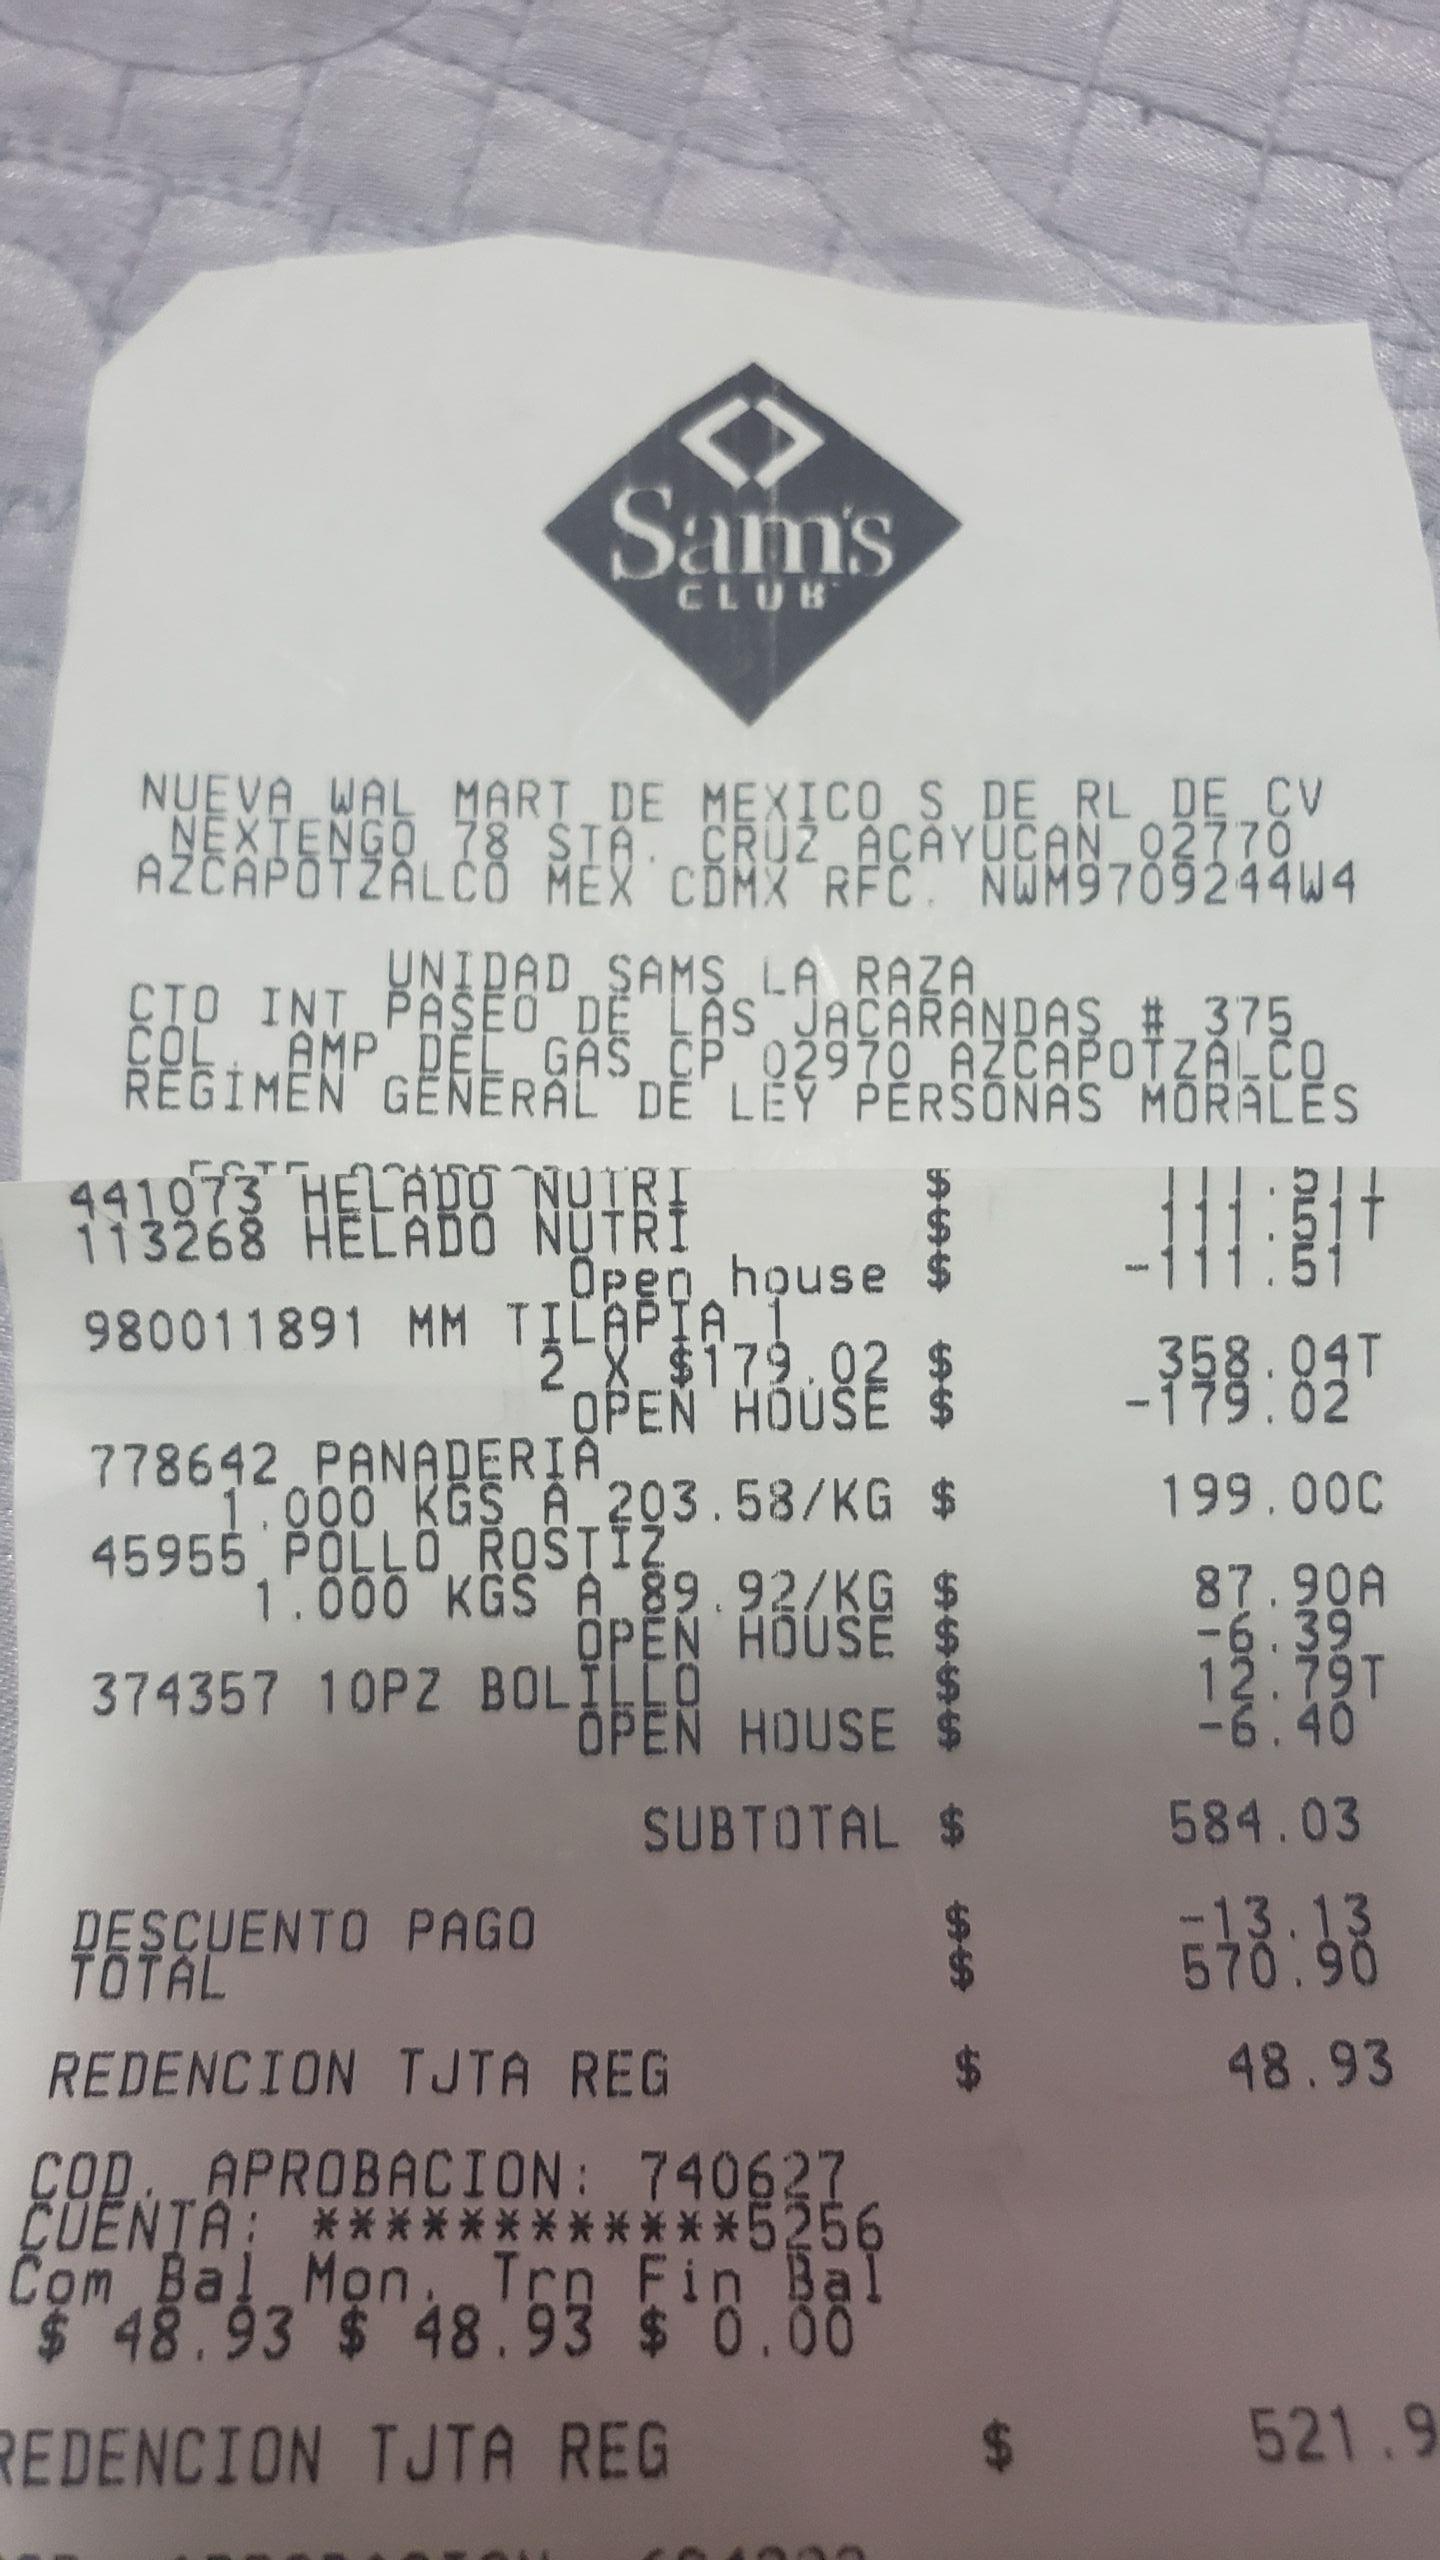 360983.jpg